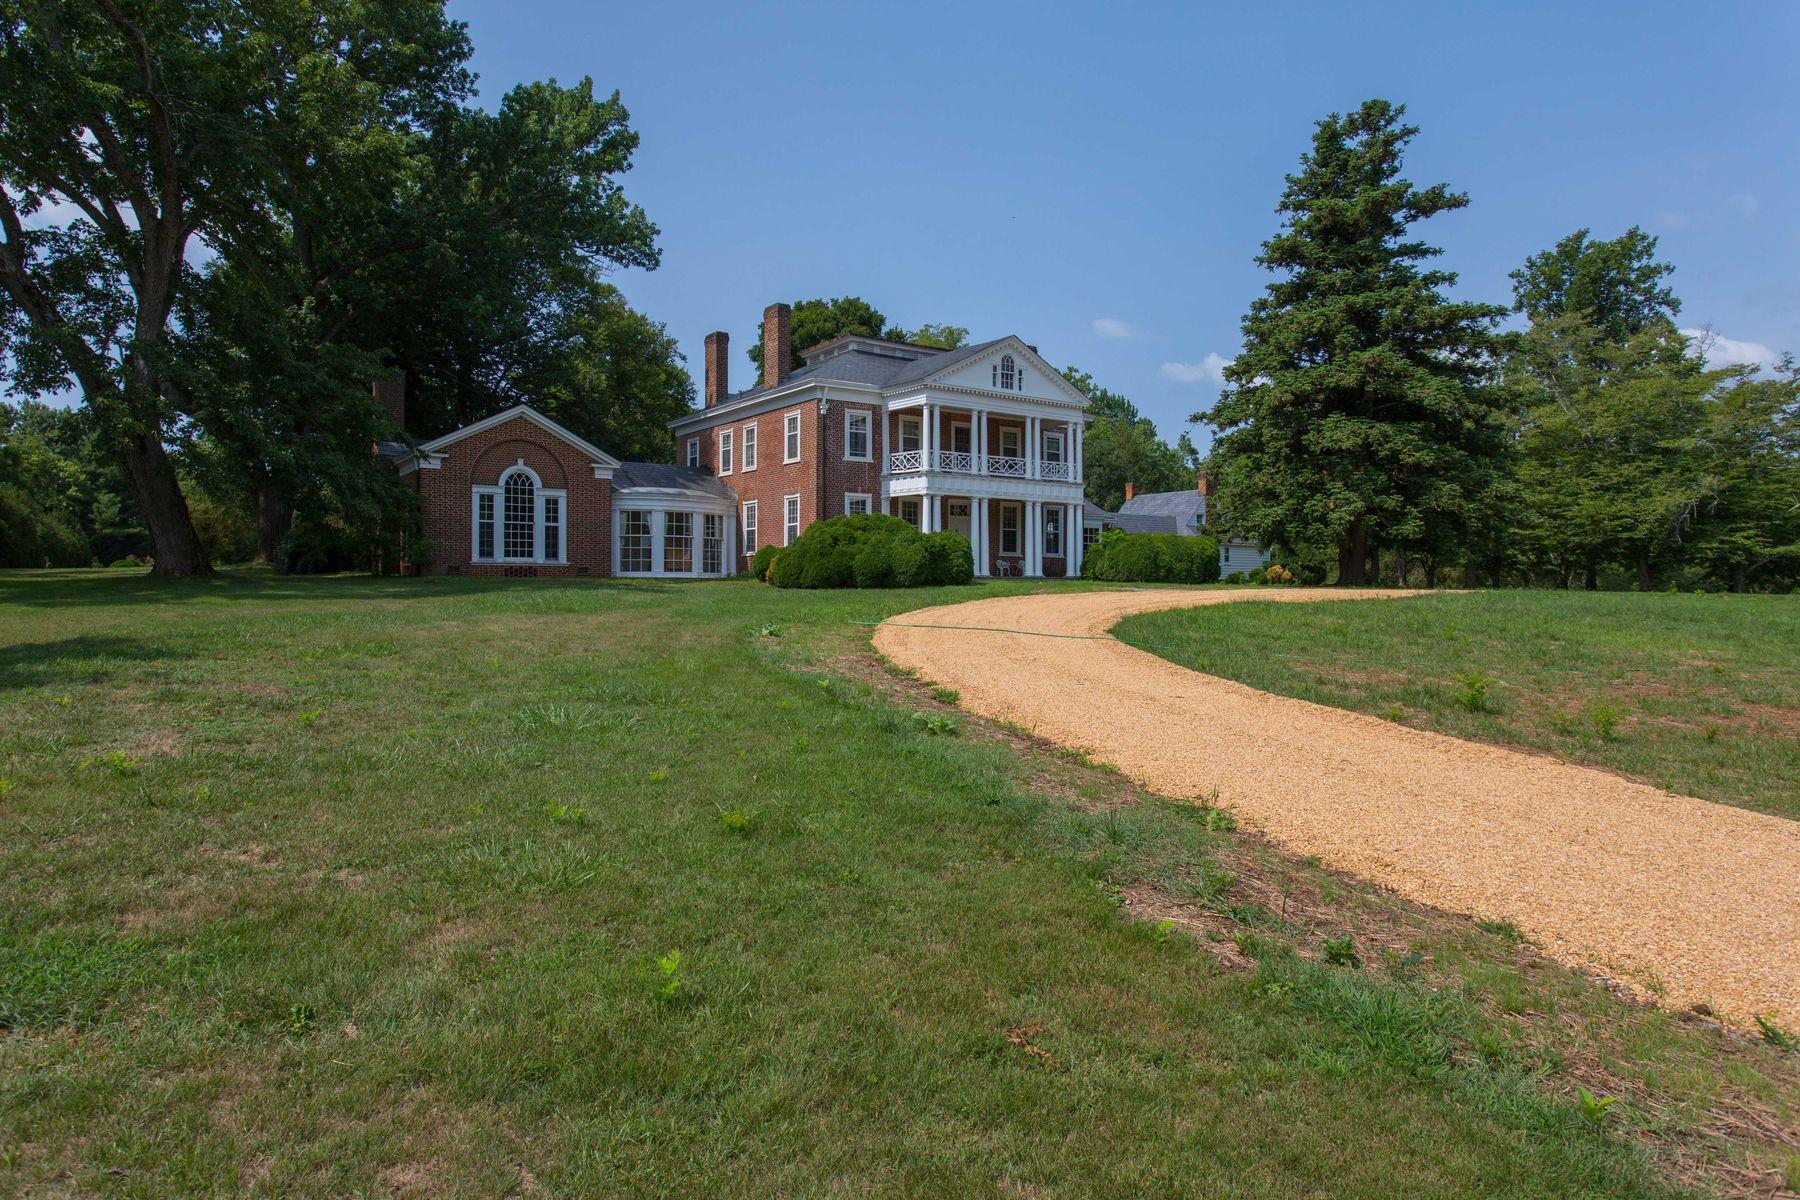 一戸建て のために 売買 アット GLENDOWER ESTATE 7369 DYERS MILL LN Scottsville, バージニア, 24590 アメリカ合衆国で/アラウンド: Charlottesville